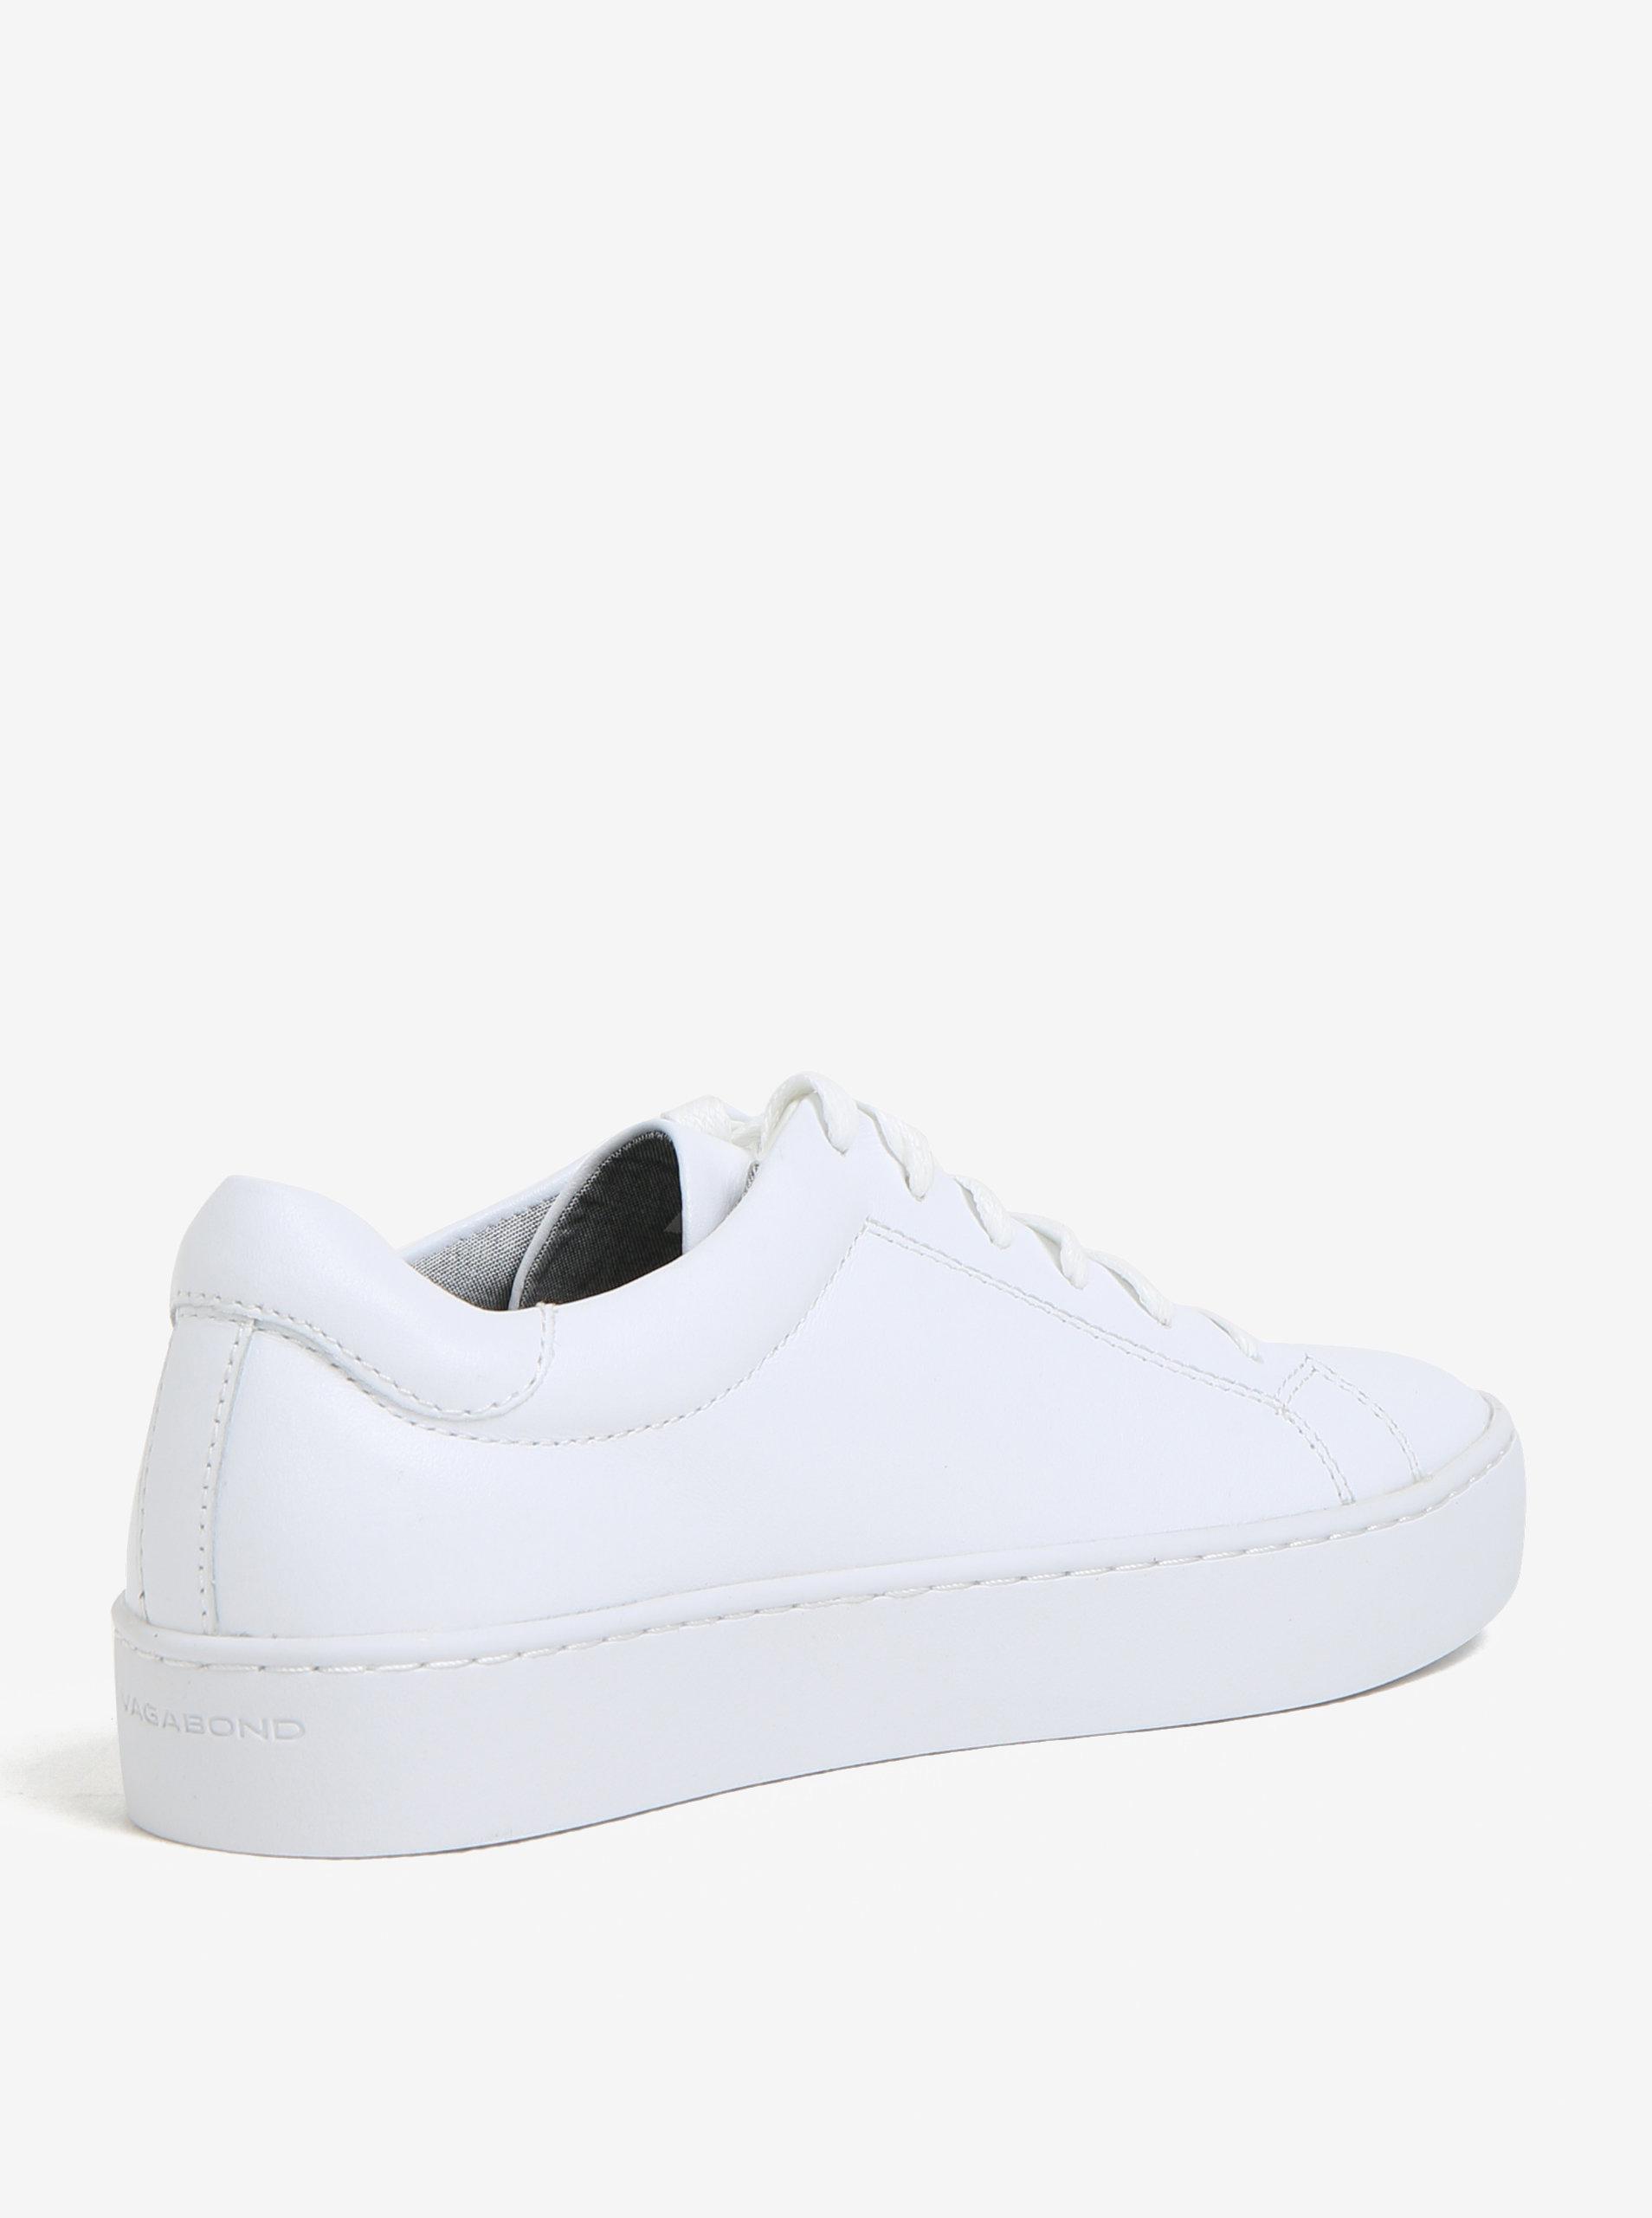 0d07309df66 Biele dámske kožené tenisky na platforme Vagabond Zoe ...